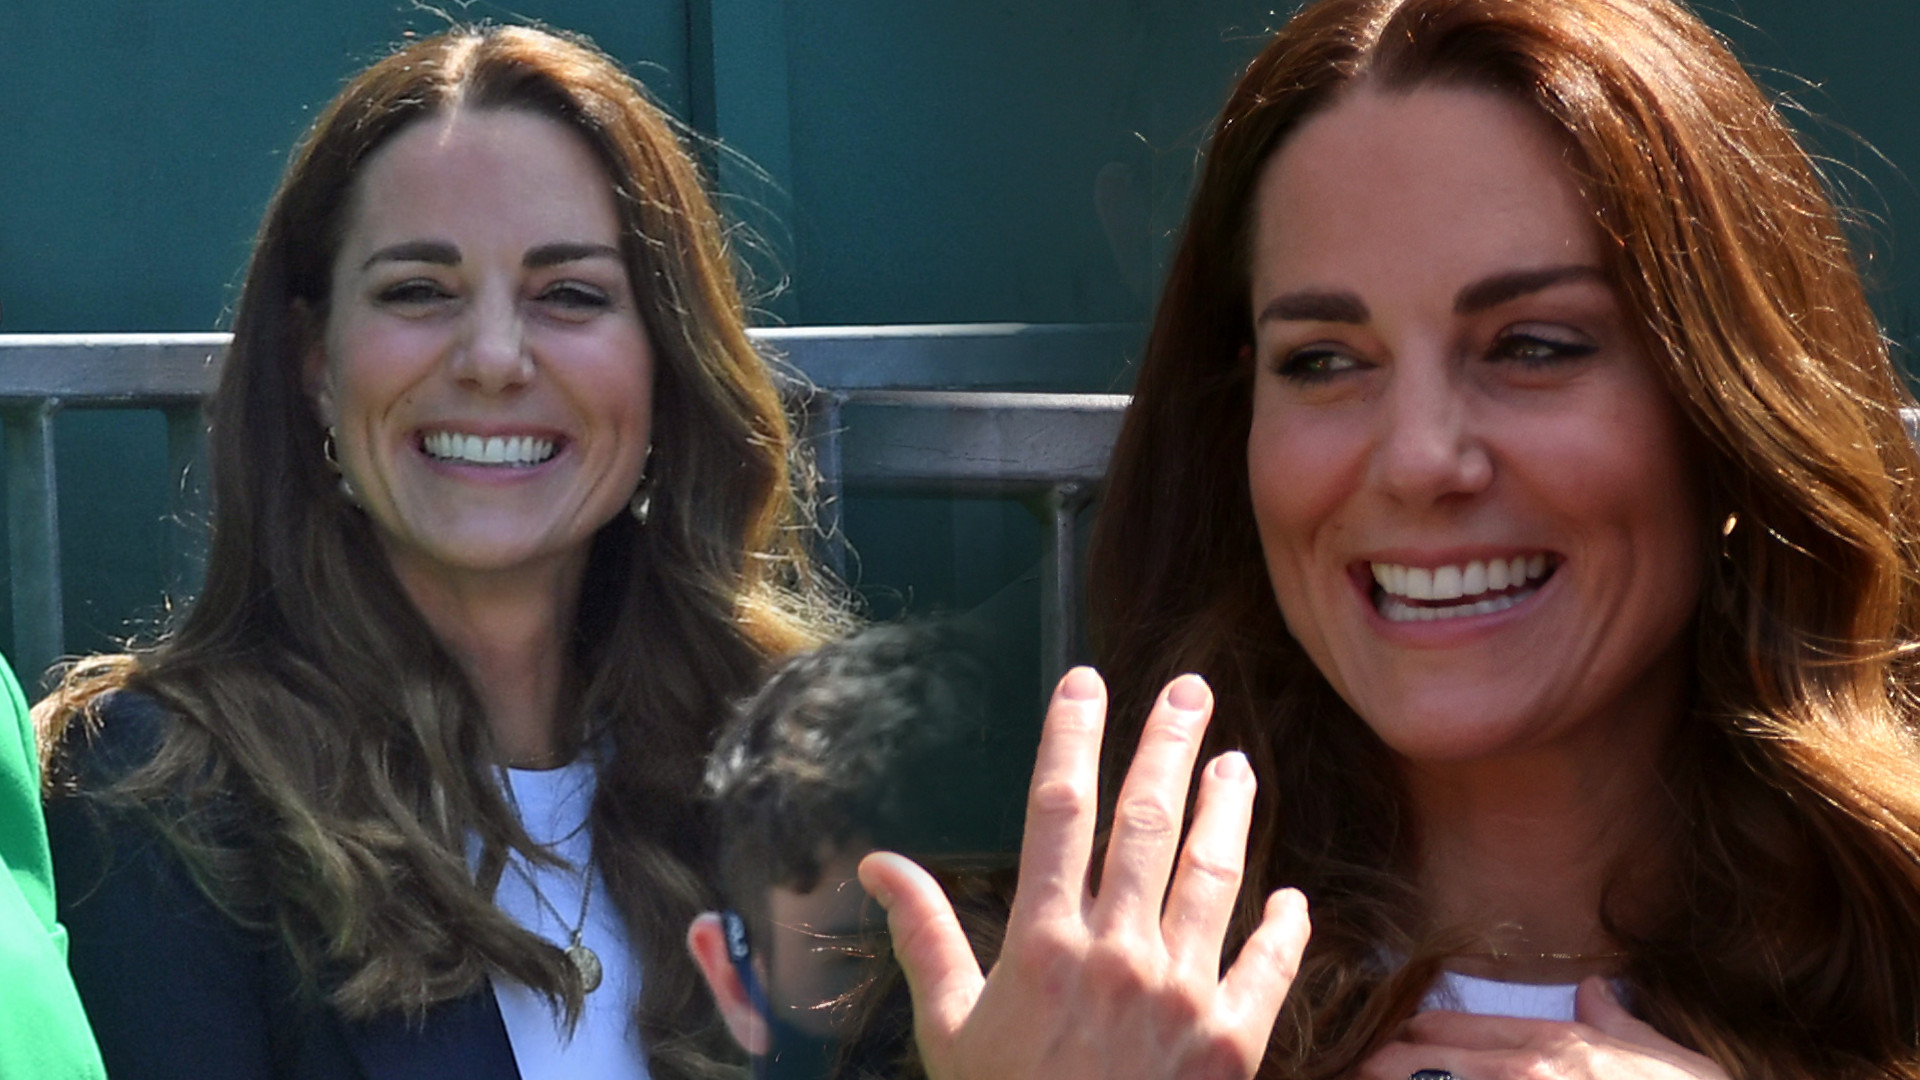 Księżna Kate pojawiła się na Wimbledonie. Już wiemy, że na punkcie tej spódnicy OSZALEJĄ jej fanki (ZDJĘCIA)